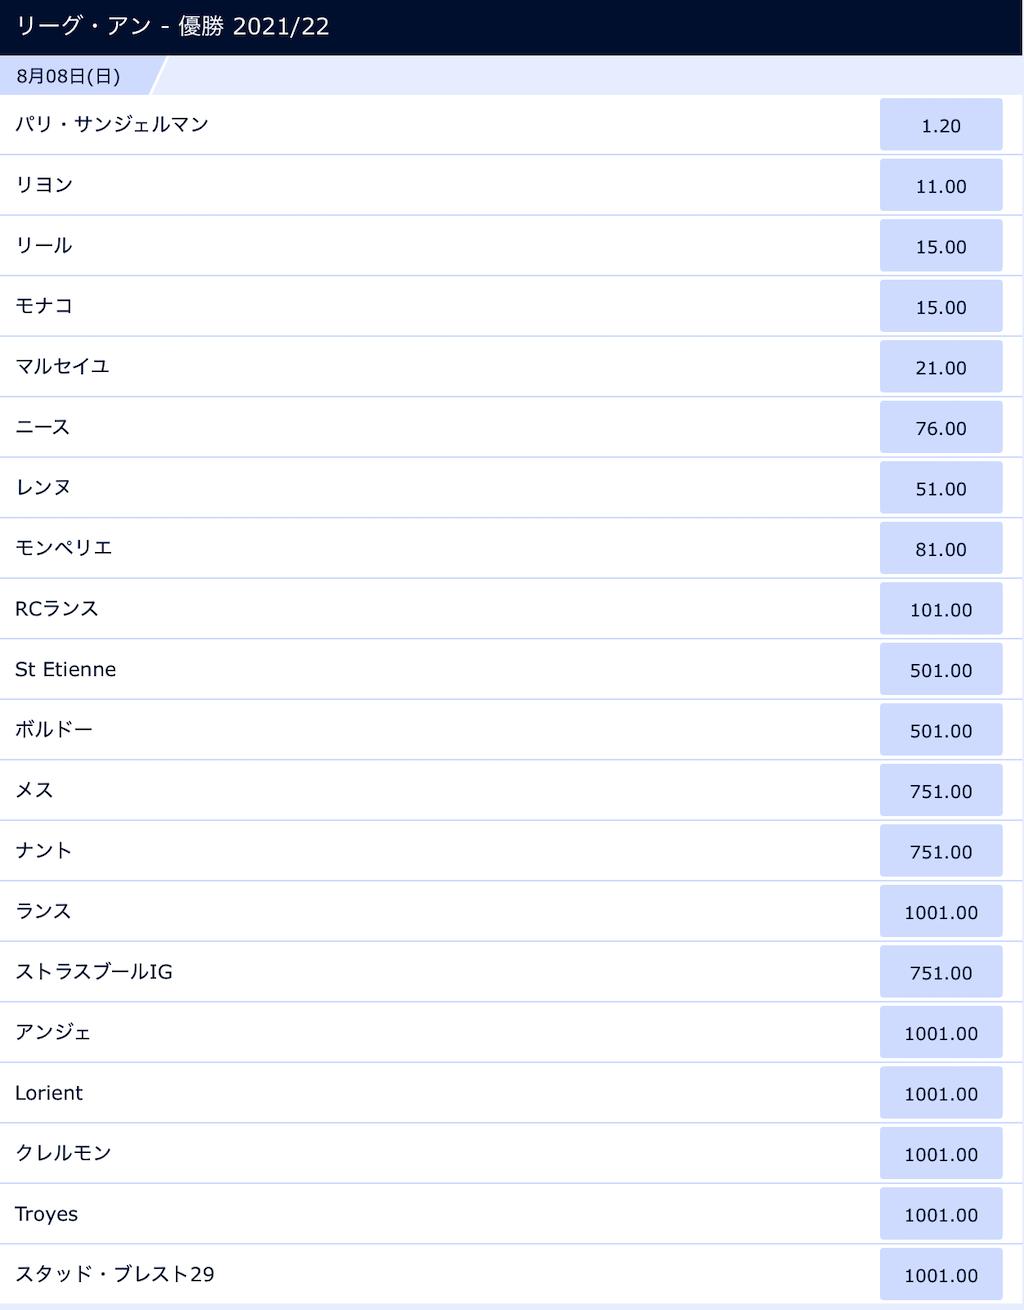 フランスリーグアン2021-22優勝予想オッズ(7月21日時点)